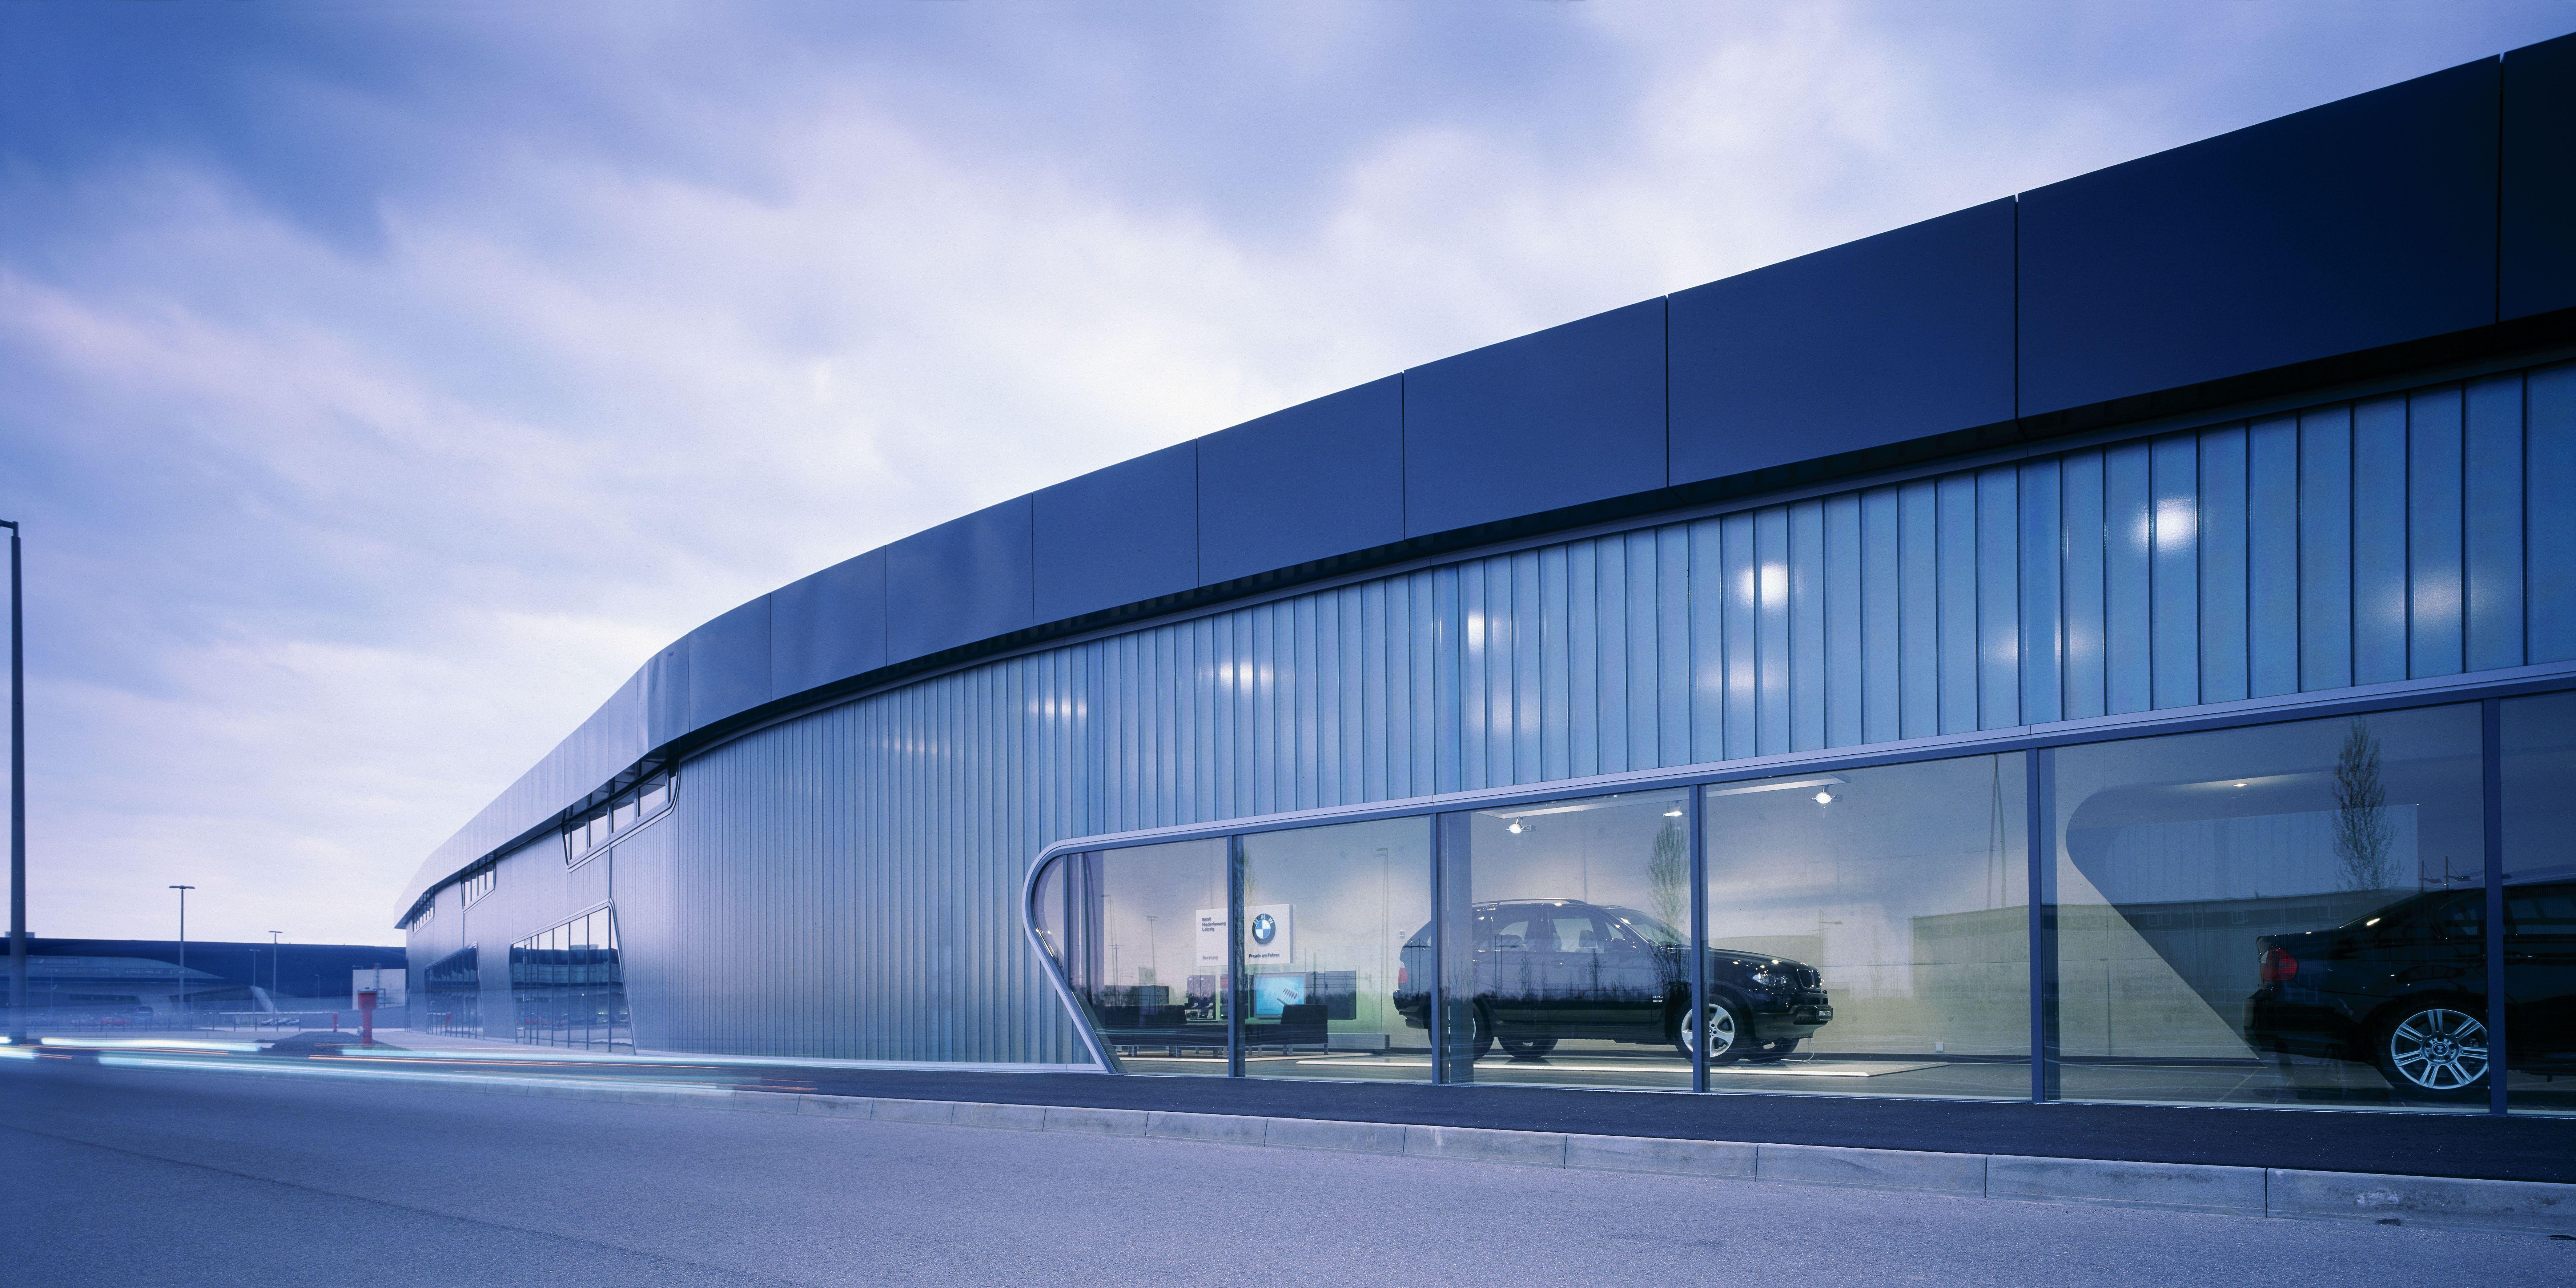 Bmw Showroom Architecture Zaha Hadid Architects